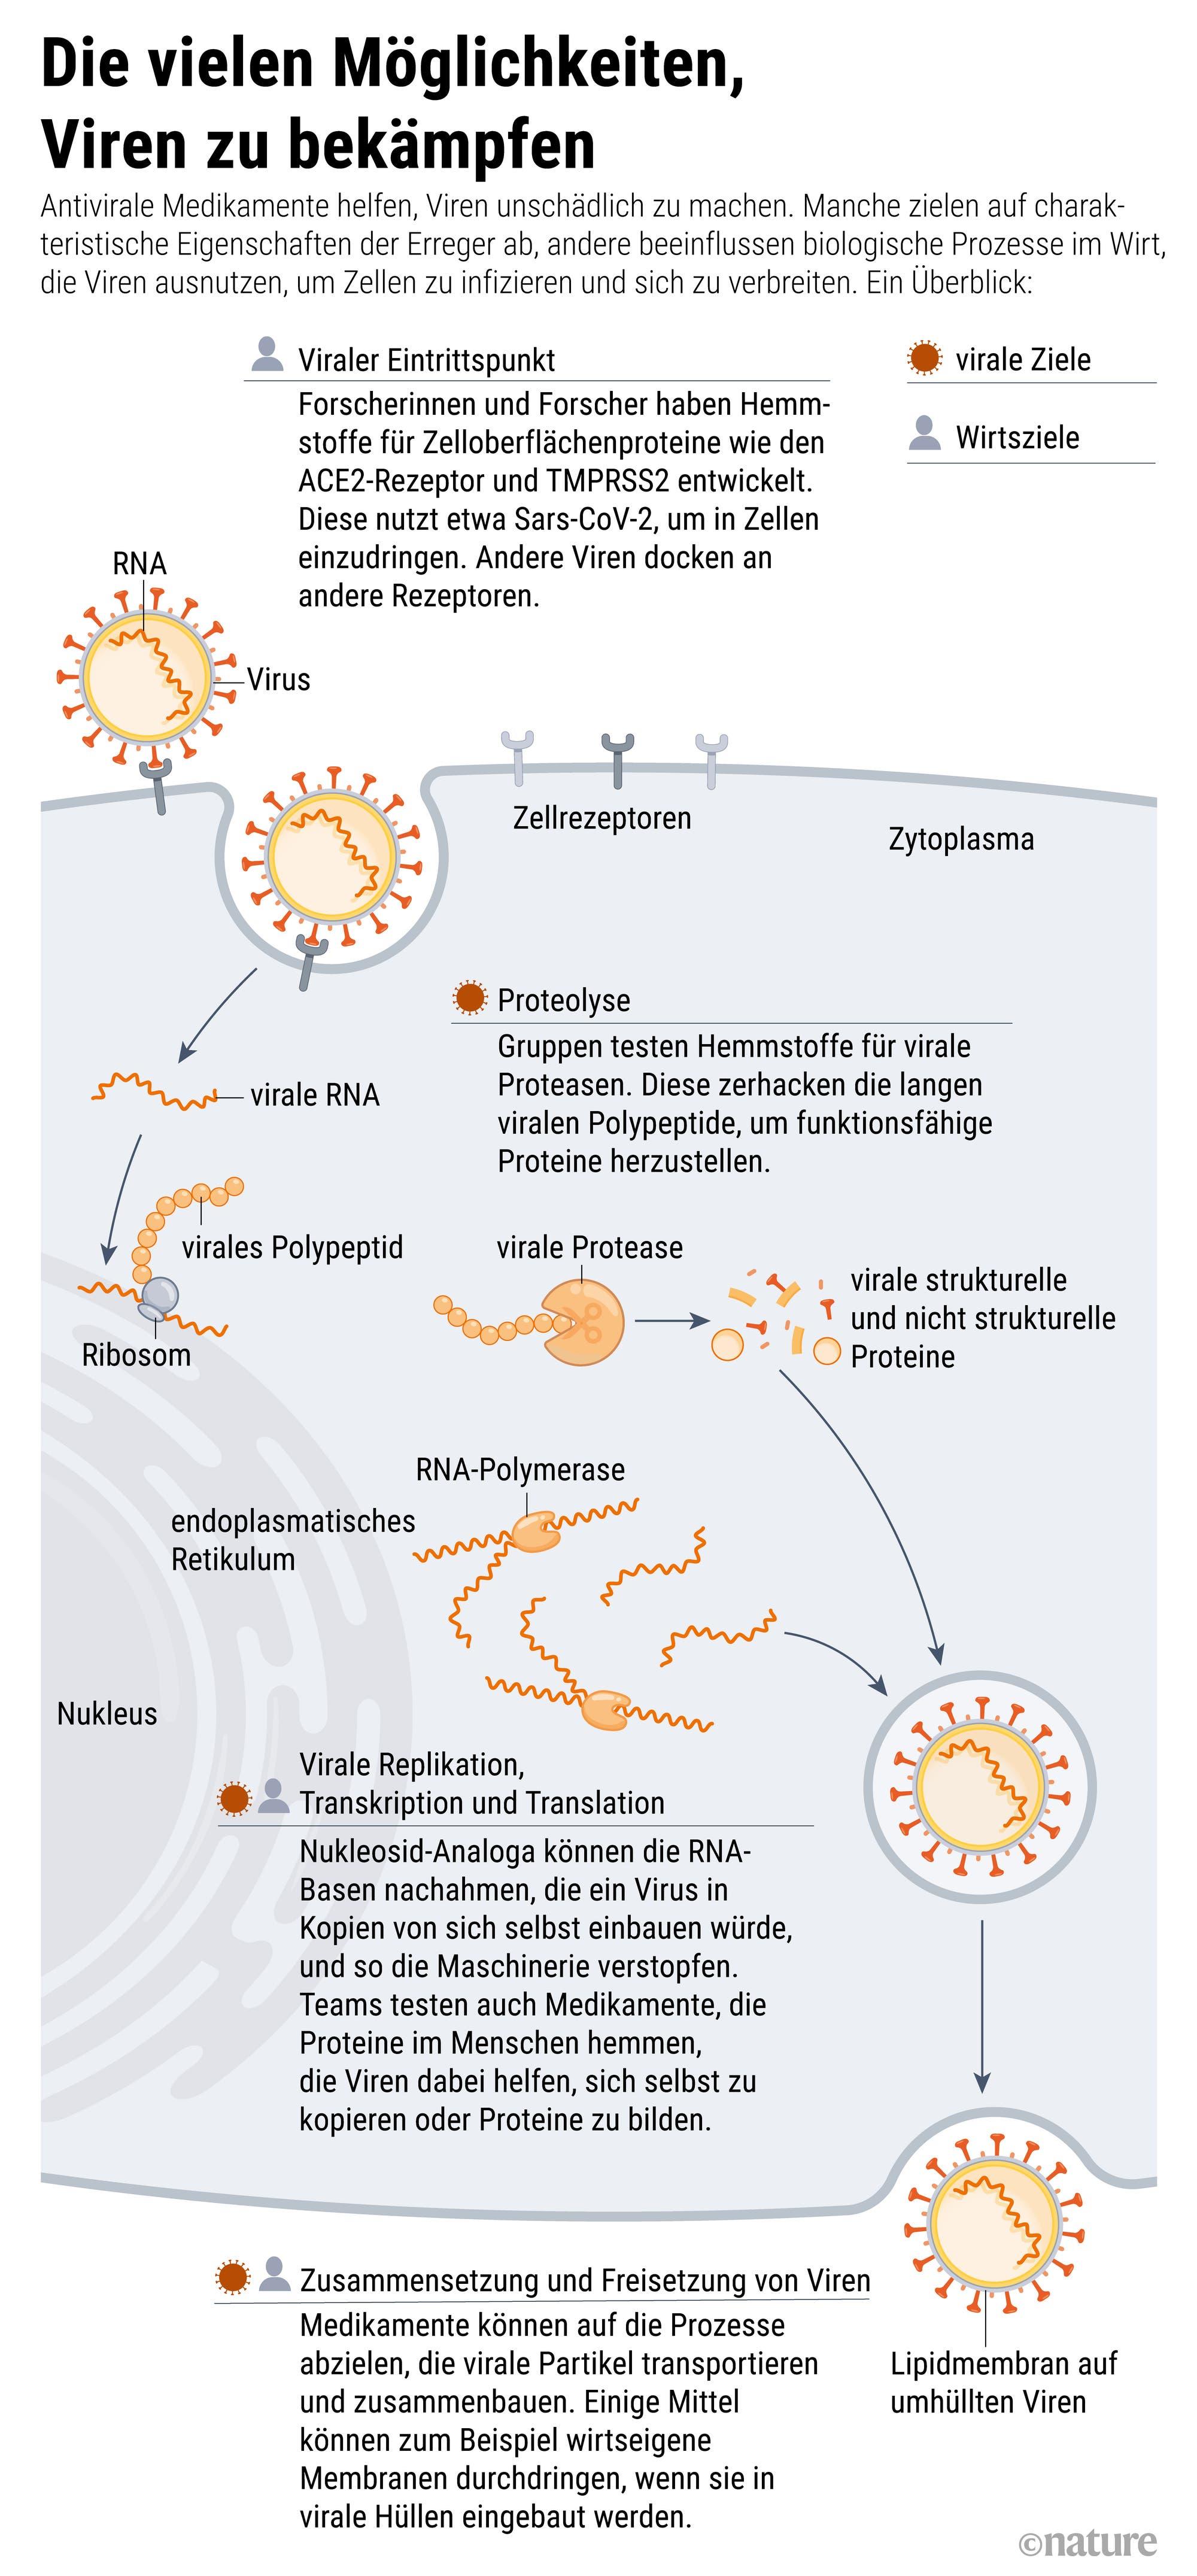 Wie antivirale Medikamente verhindern sollen, dass Viren in Körperzellen eindringen oder sich dort vermehren, zeigt diese Grafik.